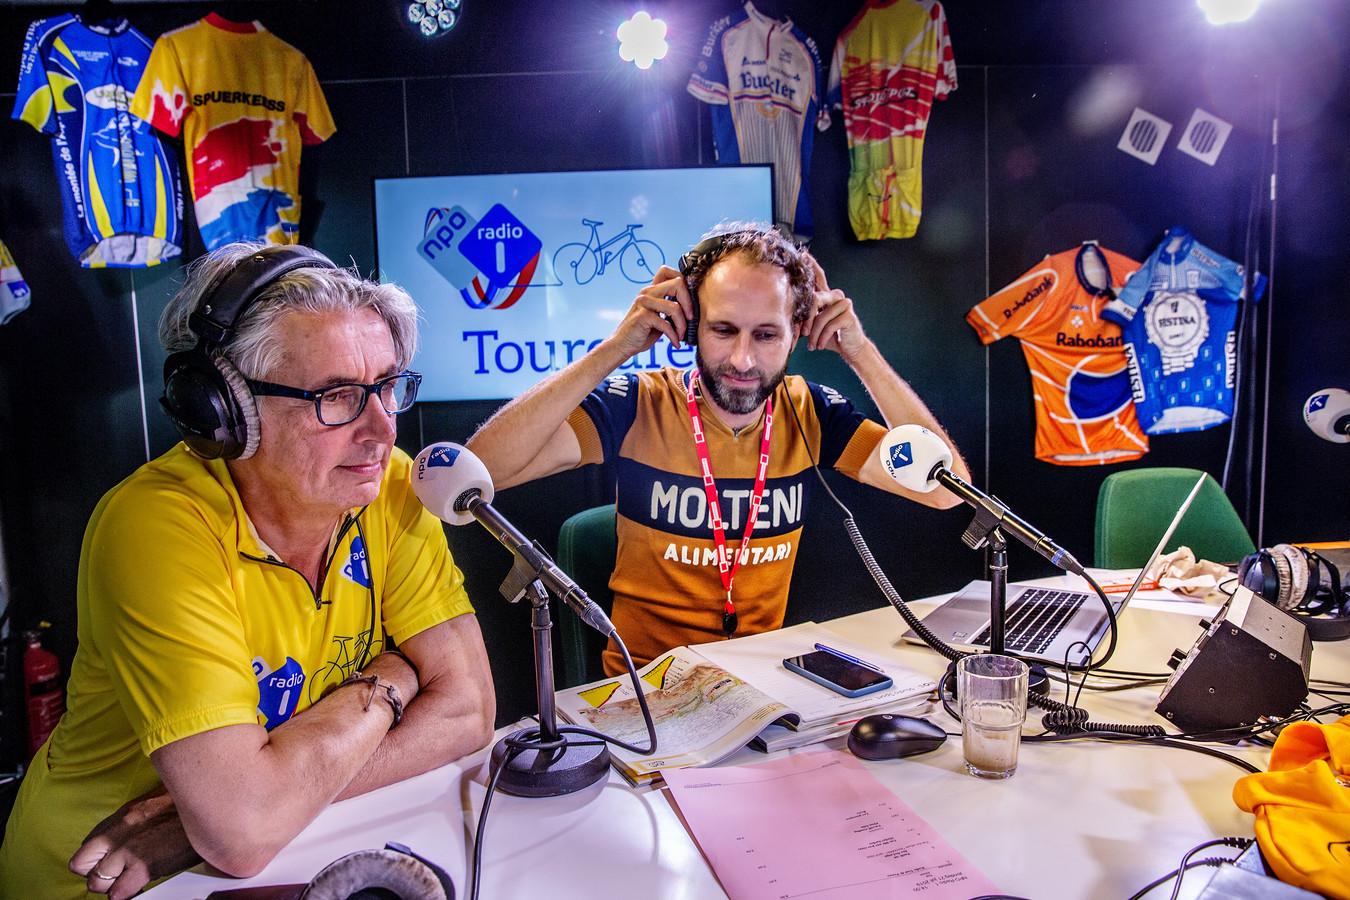 Op de foto vanuit de radio studio links journalist en radiopresentator Robbert Meeder sportjournalist televisiepresentator Gert van 't Hof.